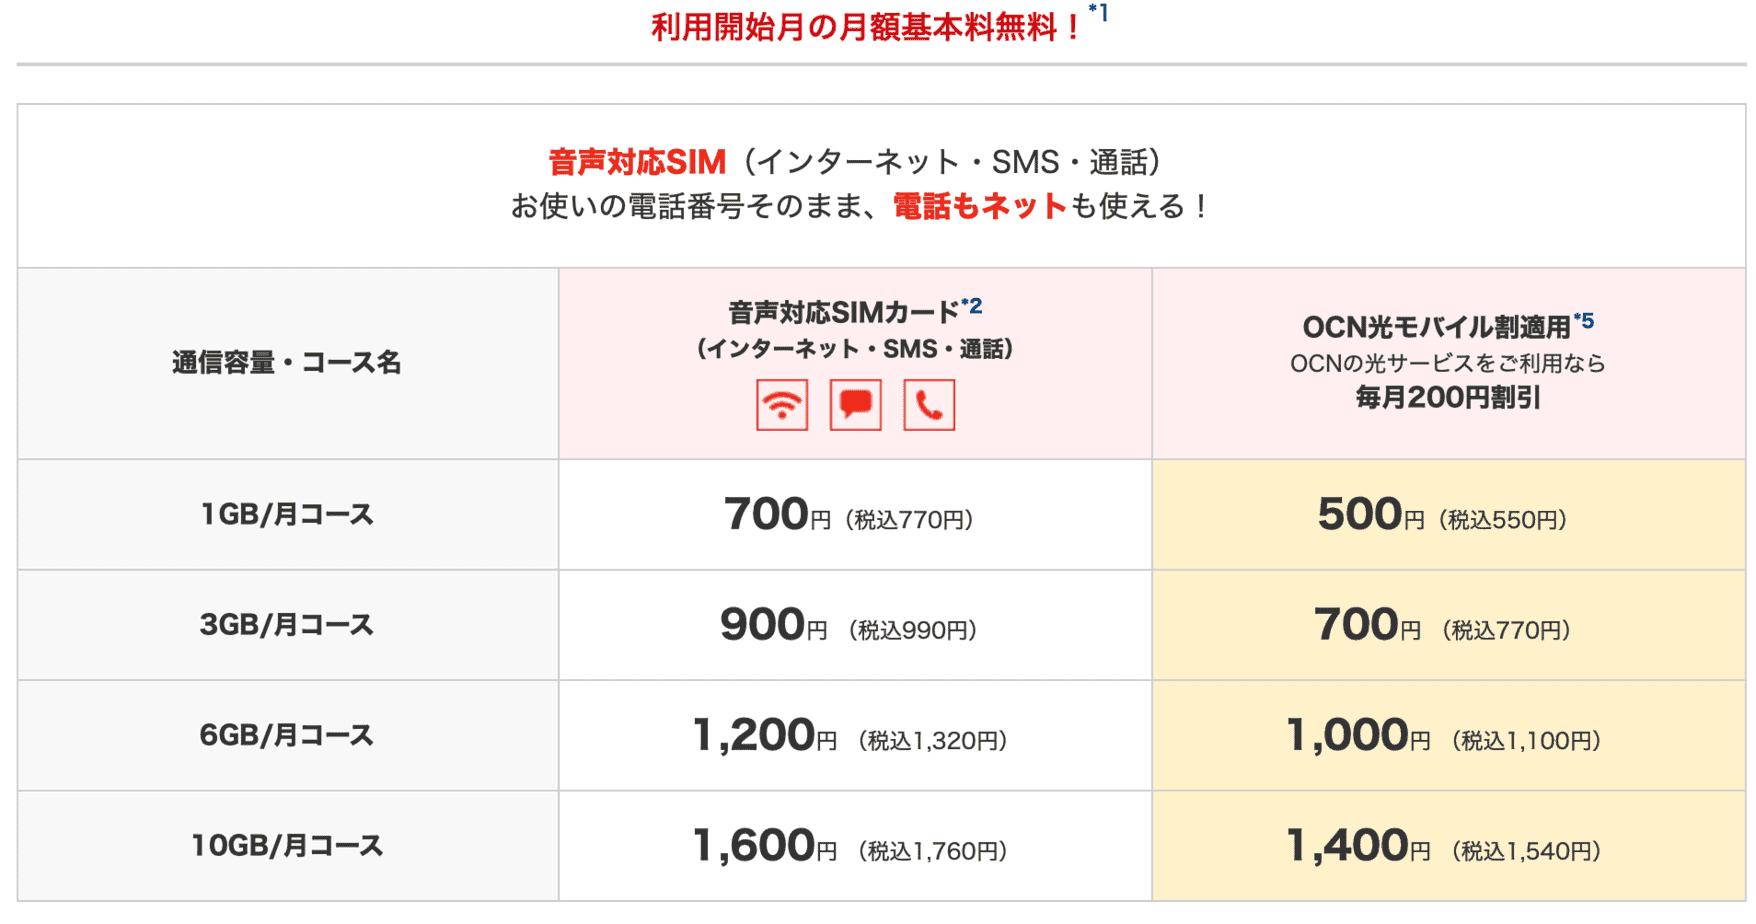 OCNモバイルONE料金プラン